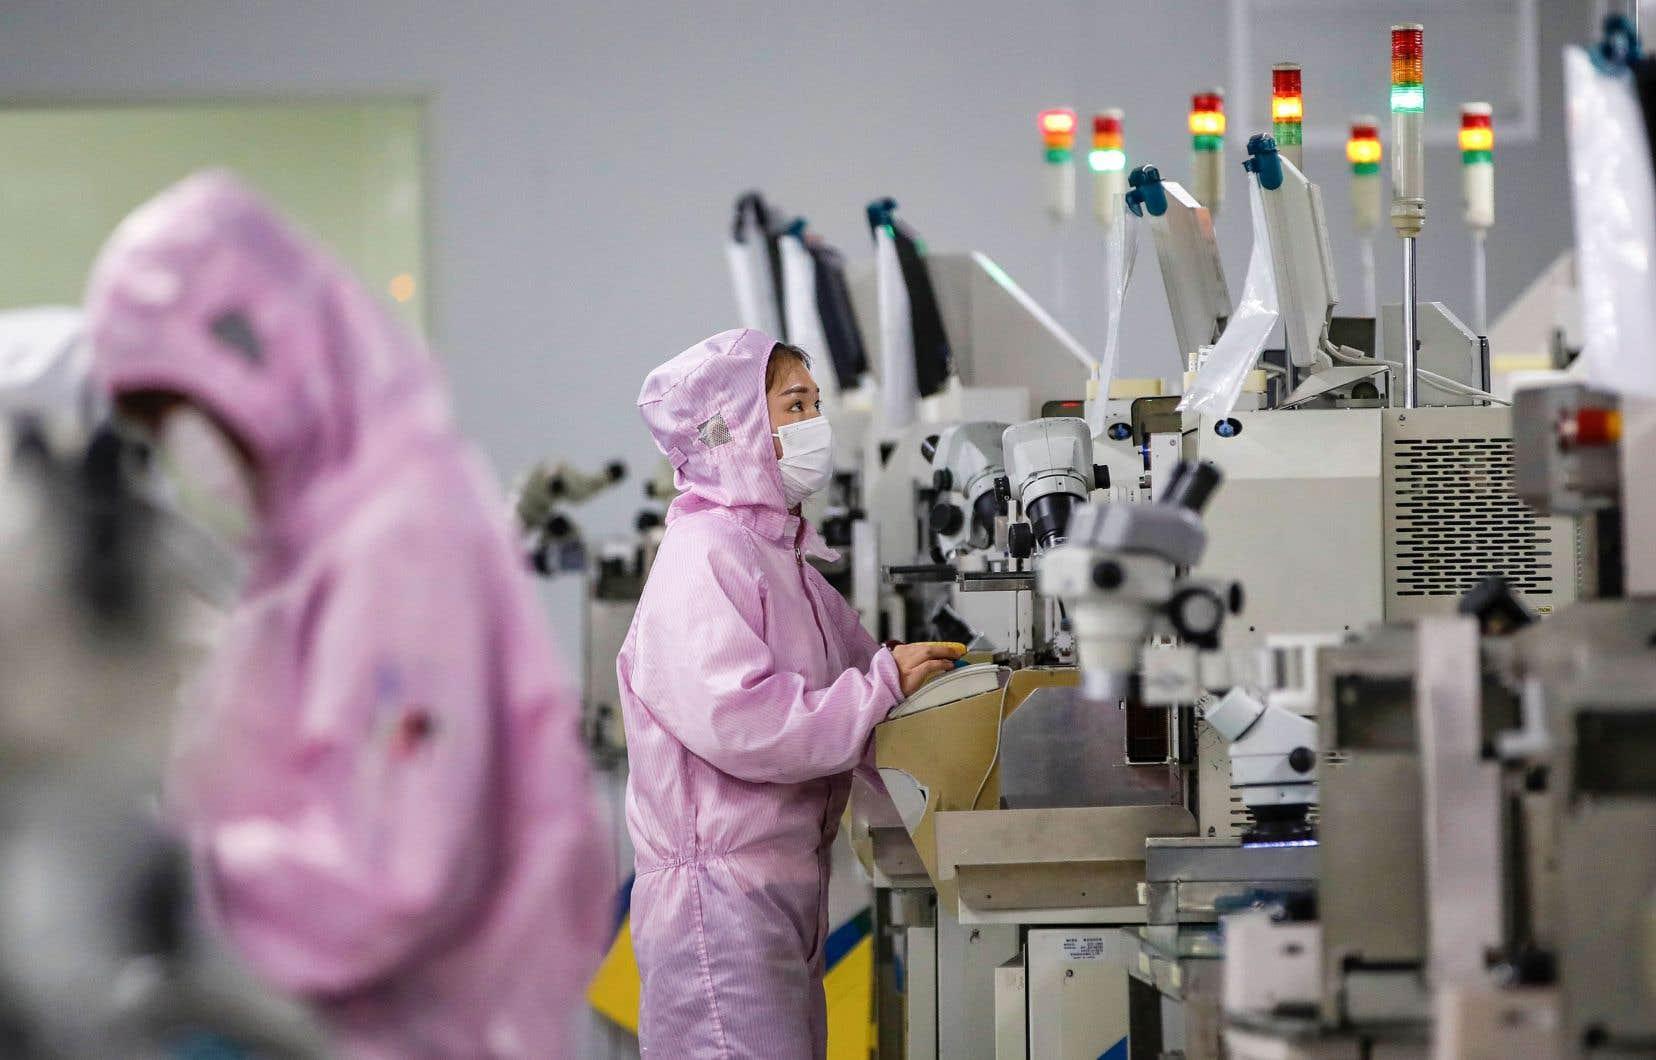 De nombreuses usines sont encore ralenties en Chine, notamment pour des raisons sanitaires.